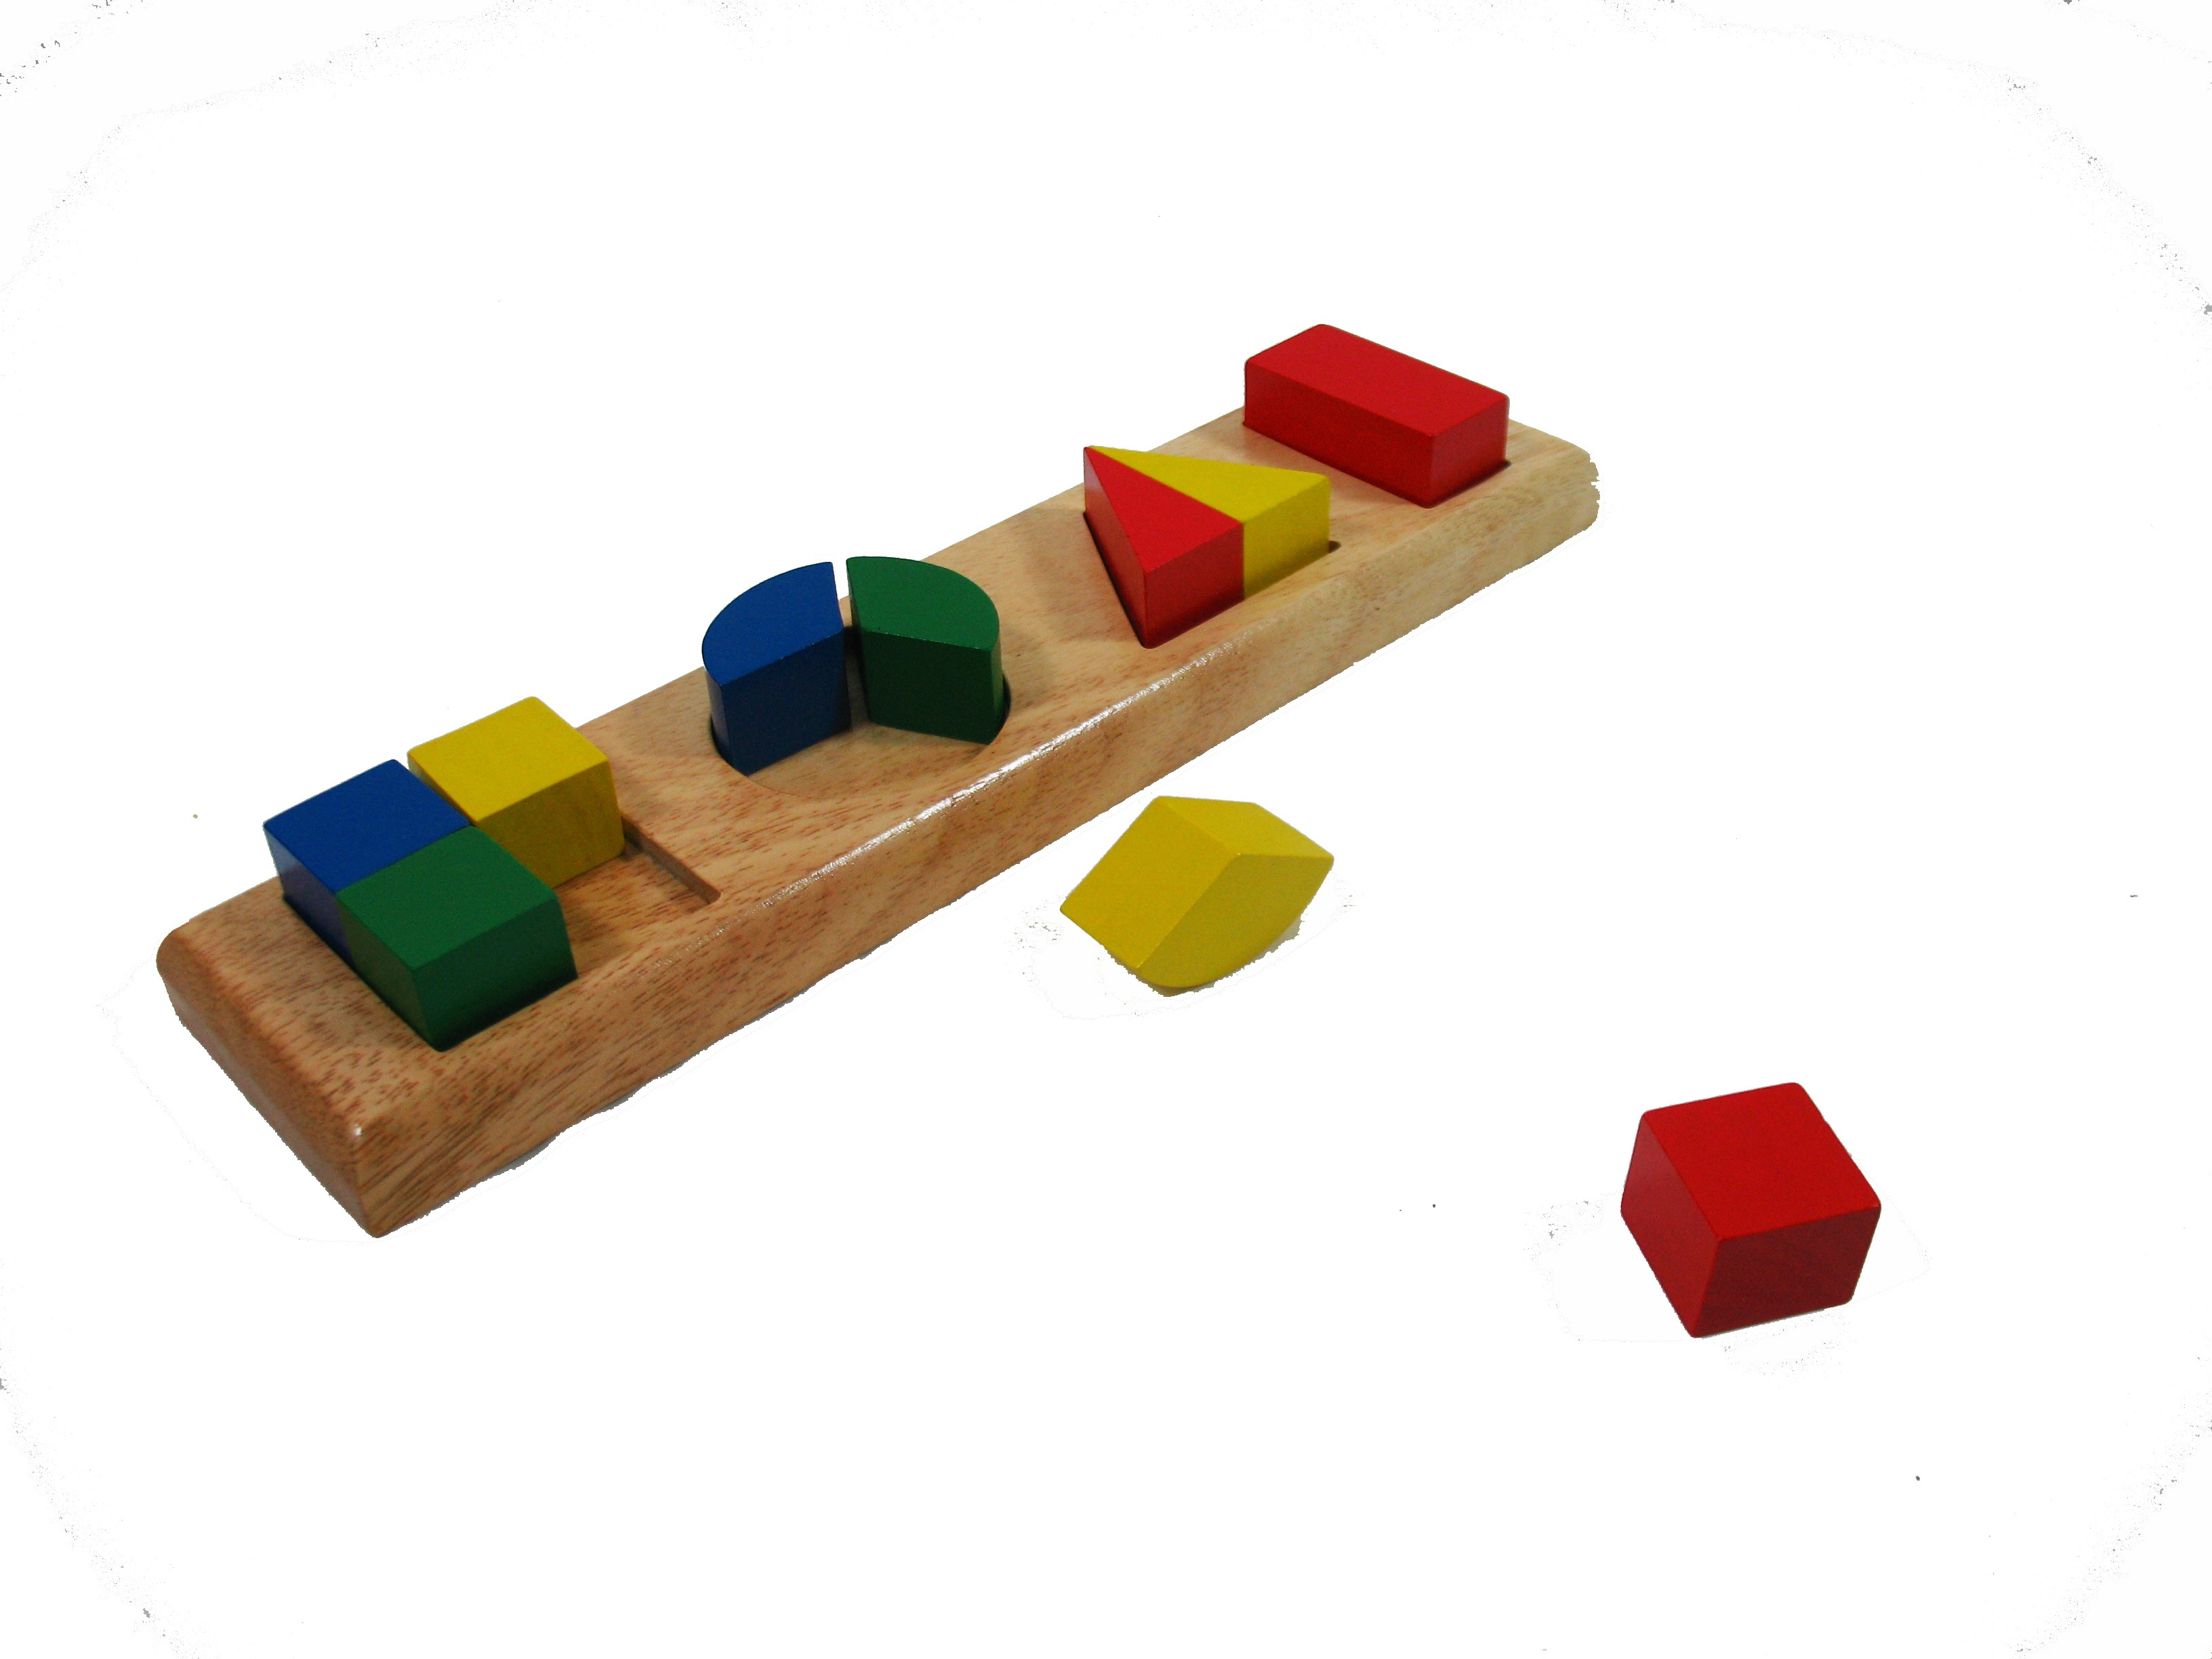 Různobarevné cihly, 4 základní tvary